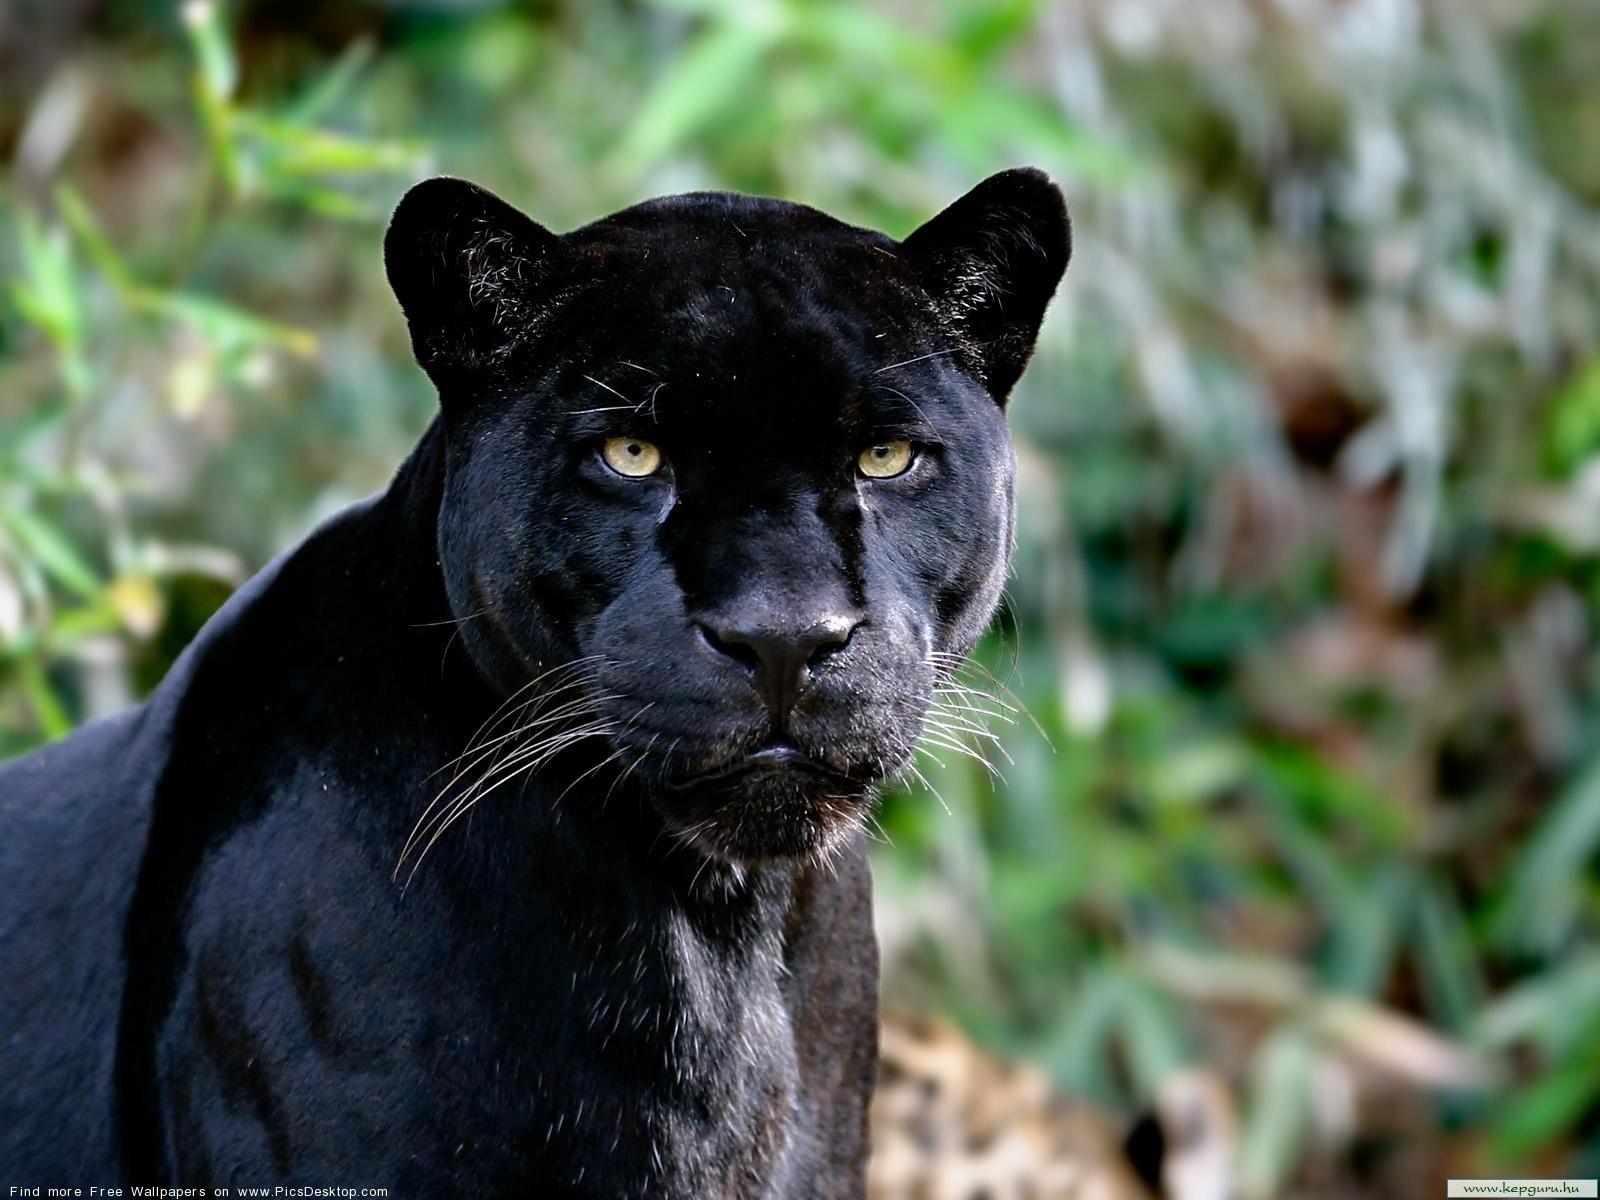 Black panther - Wild Animals - Free Desktop Wallpaper ... - photo#45